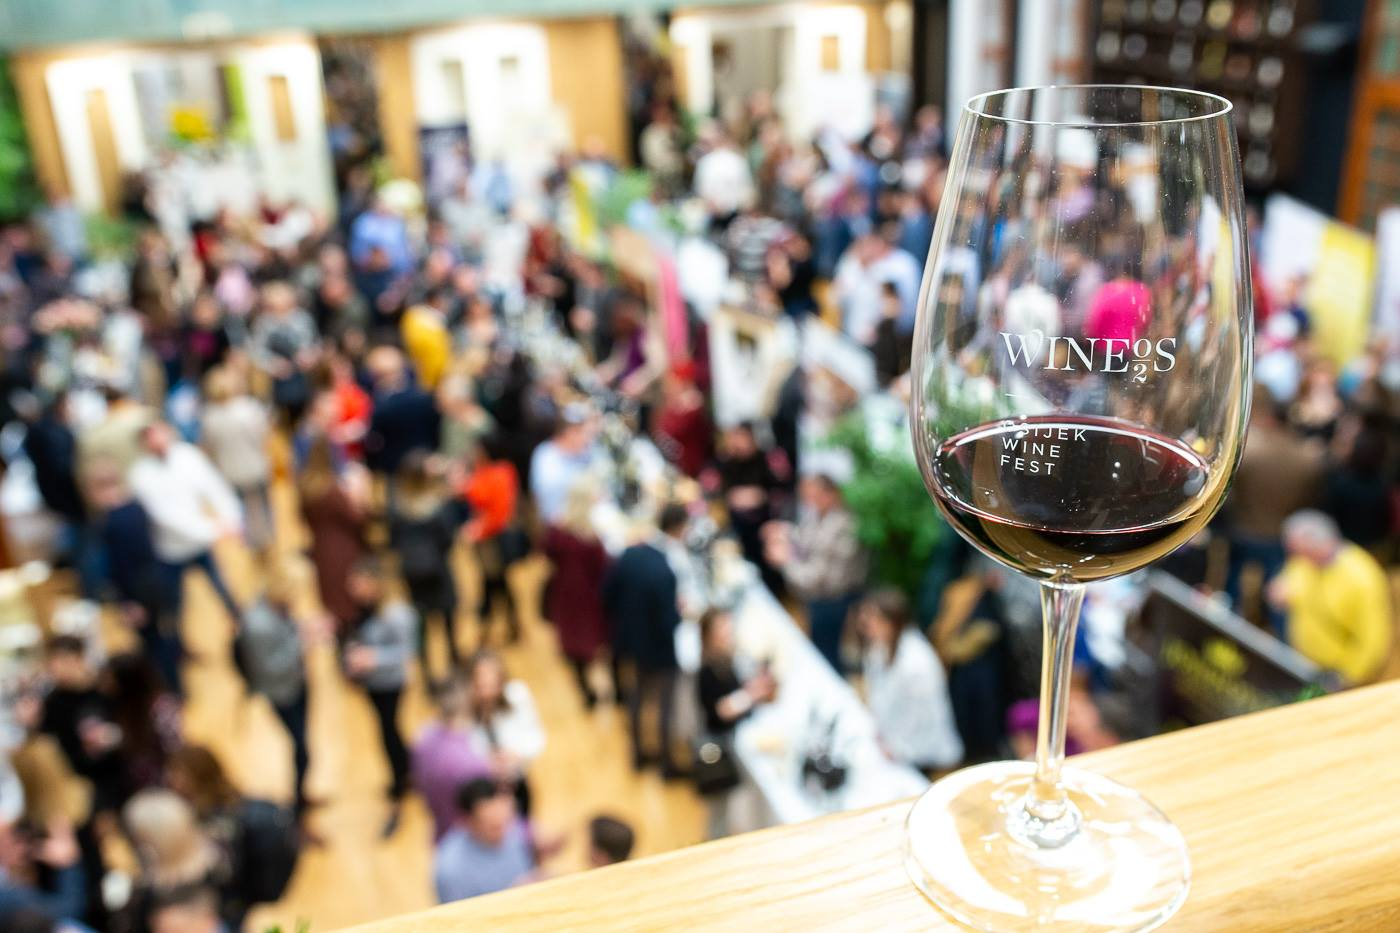 WineOS5 2019 – Festival vina, delicija i ugodnog življenja